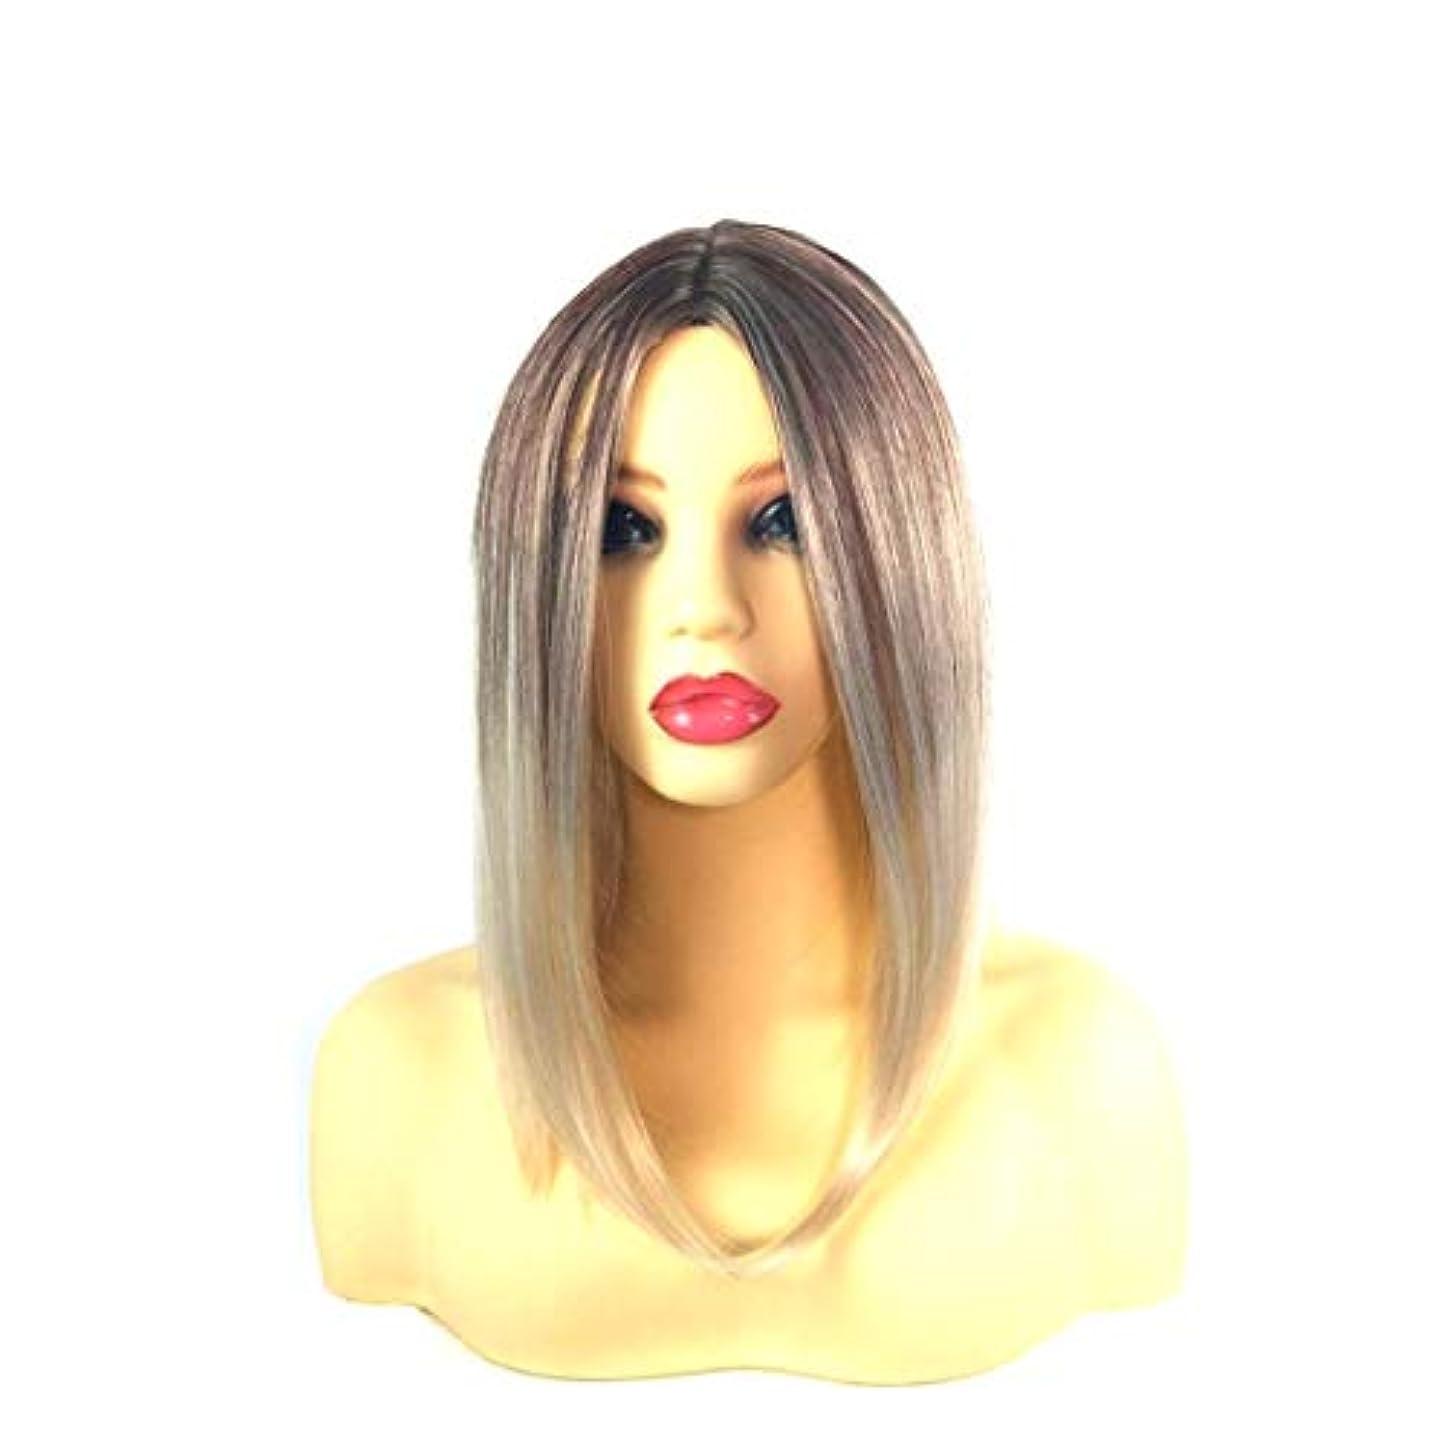 アンドリューハリディ生産的動力学Kerwinner 女性のための前髪の短いストレートの髪の黒のグラデーションライスホワイトウィッグヘッドバンド